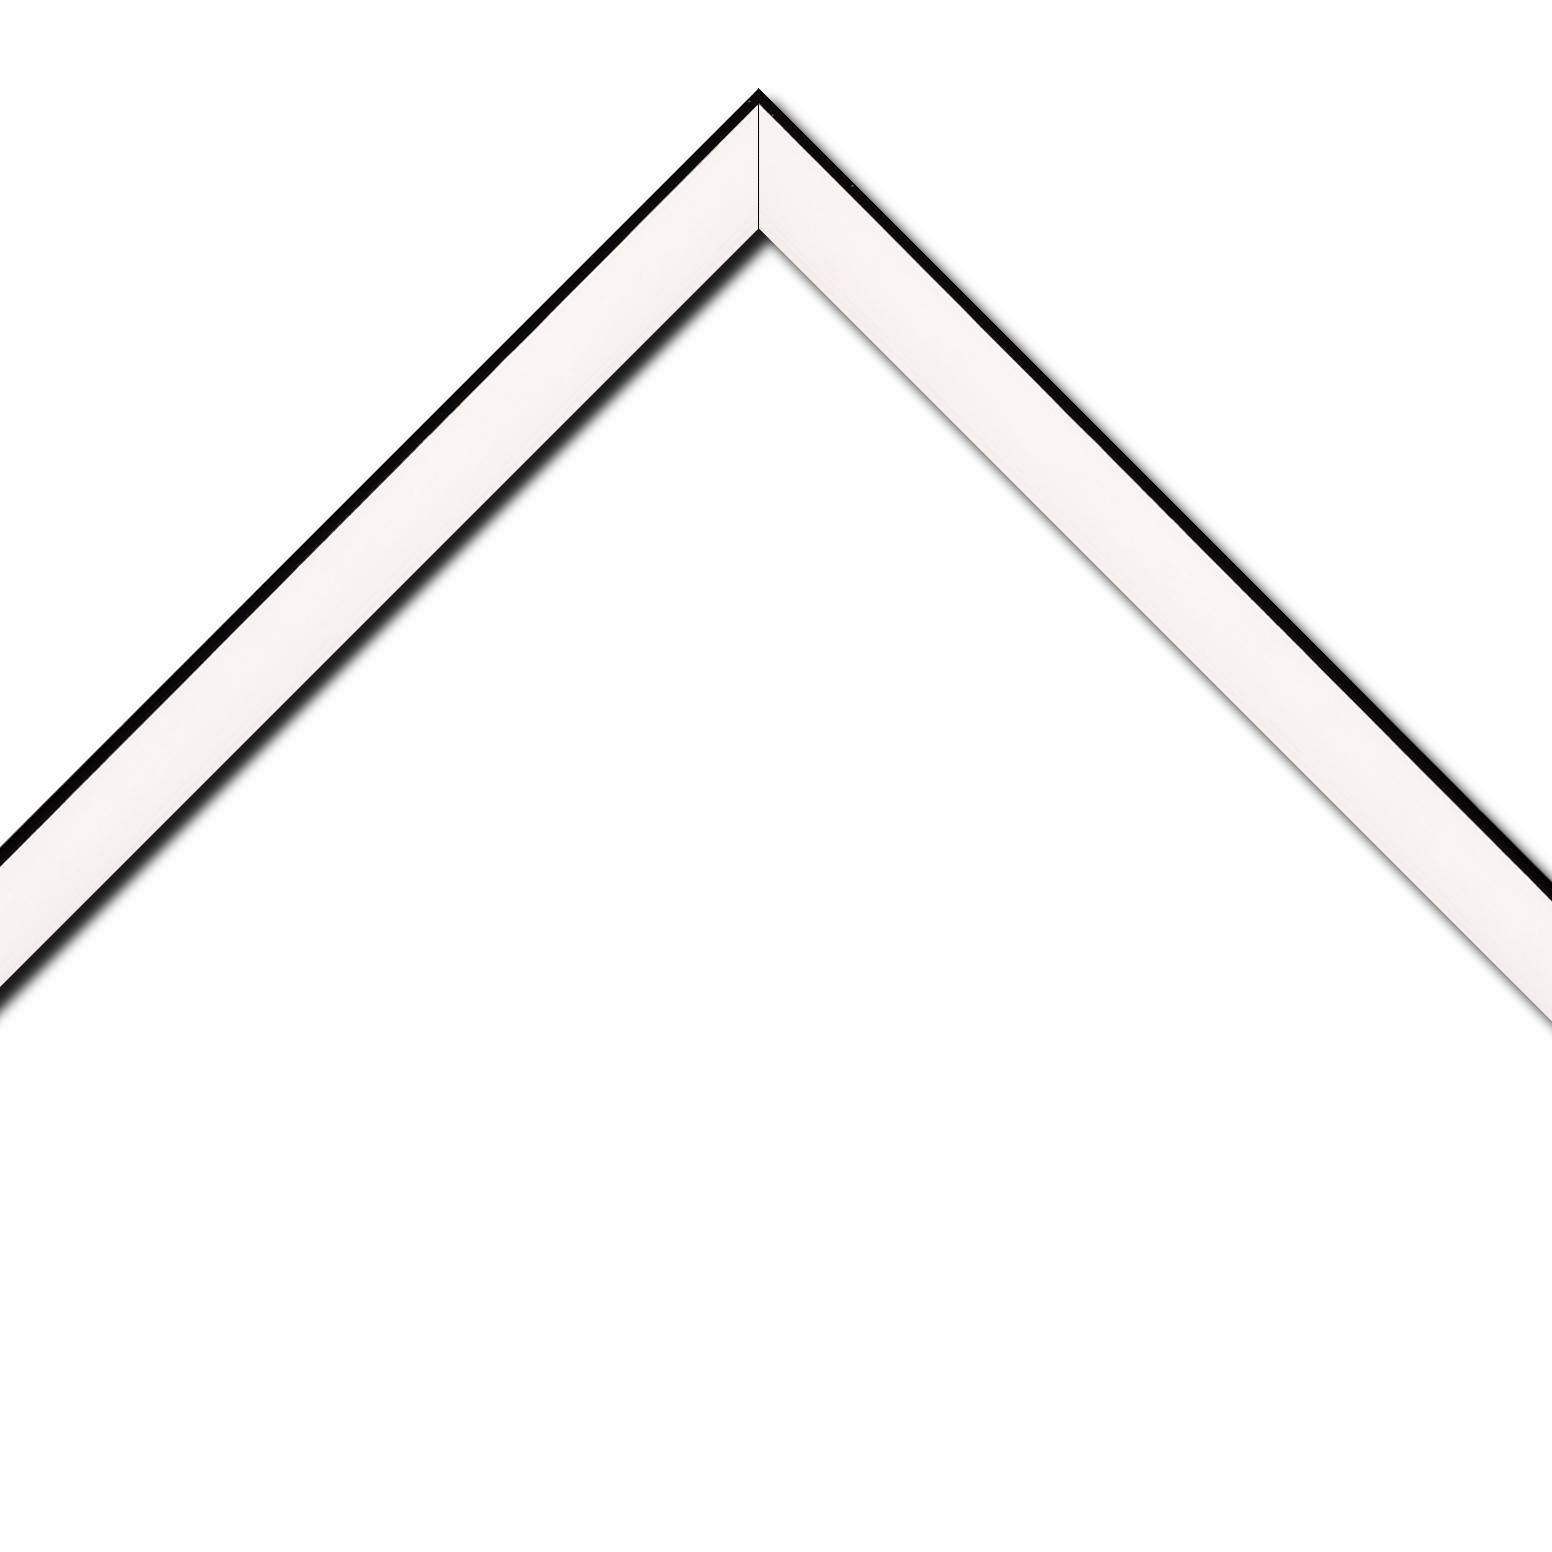 Baguette bois profil arrondi en pente plongeant largeur 2.4cm couleur crème satiné,veine du bois  apparent (pin) , angle du cadre extérieur filet noir